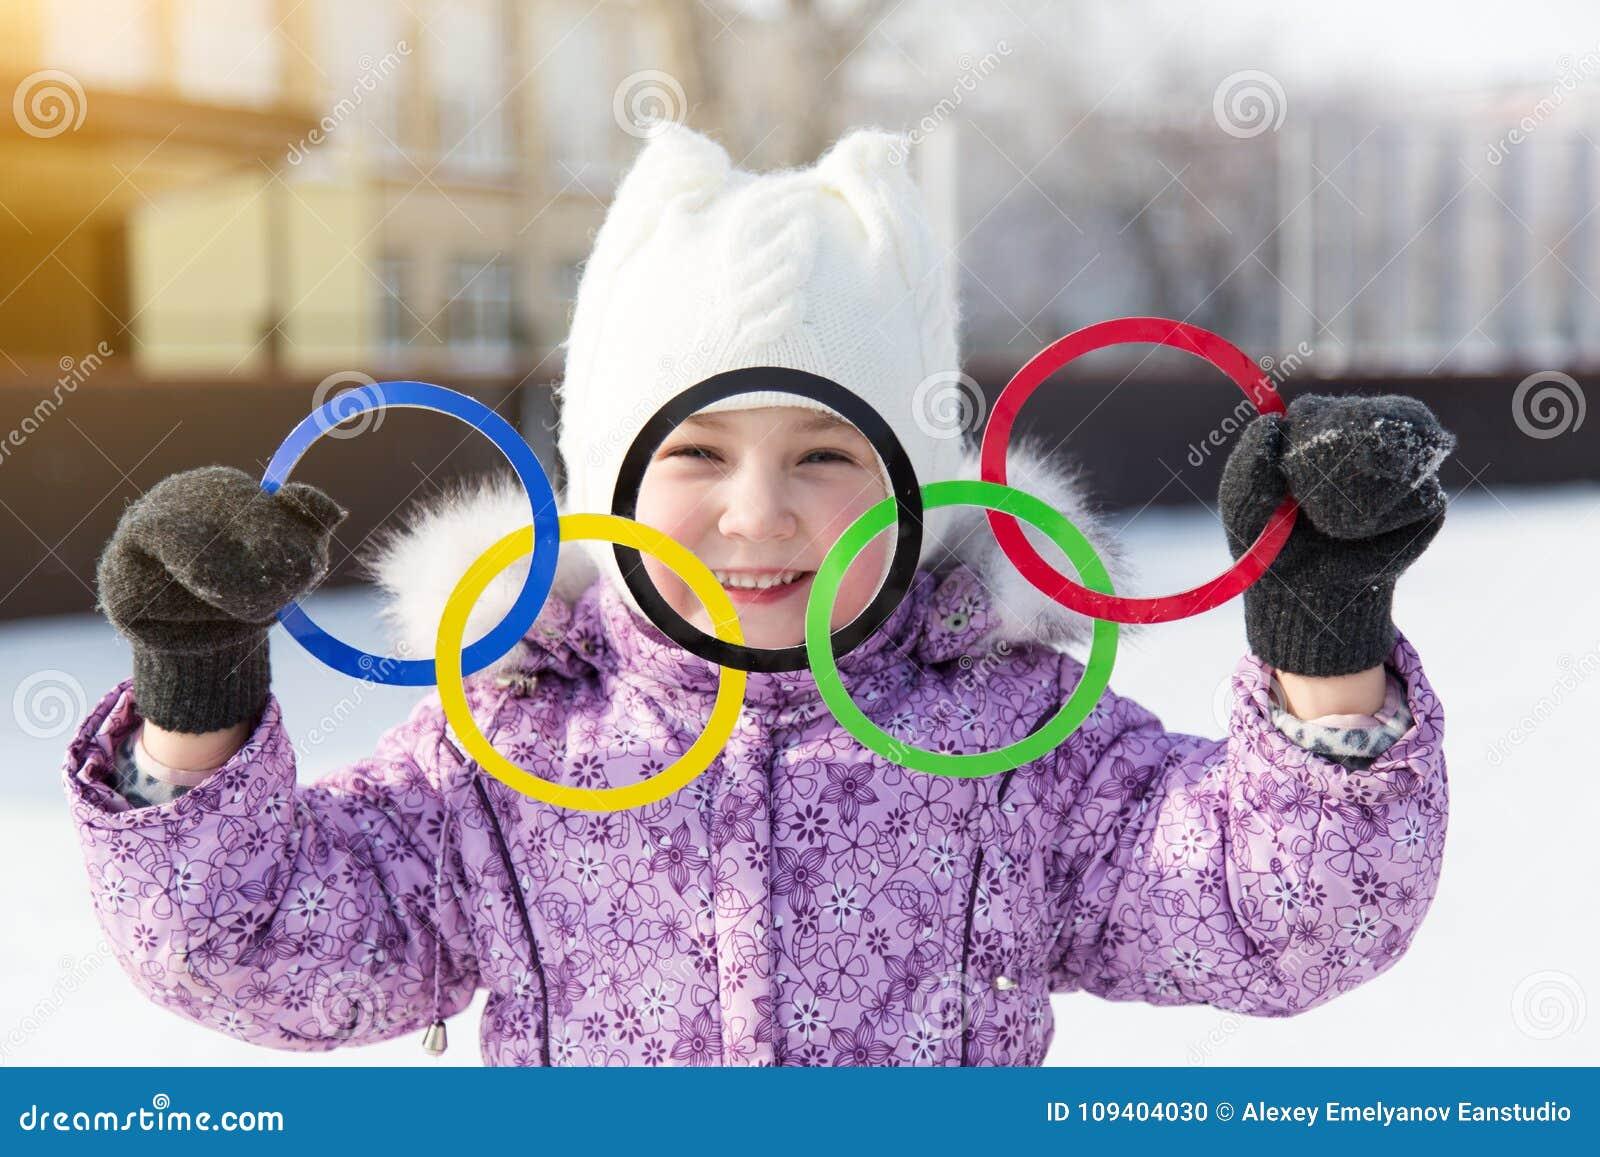 Rússia, cidade de Yasny, região de Orenburg, pista de gelo da escola, 12-10 Anéis olímpicos nas mãos de uma menina bonita